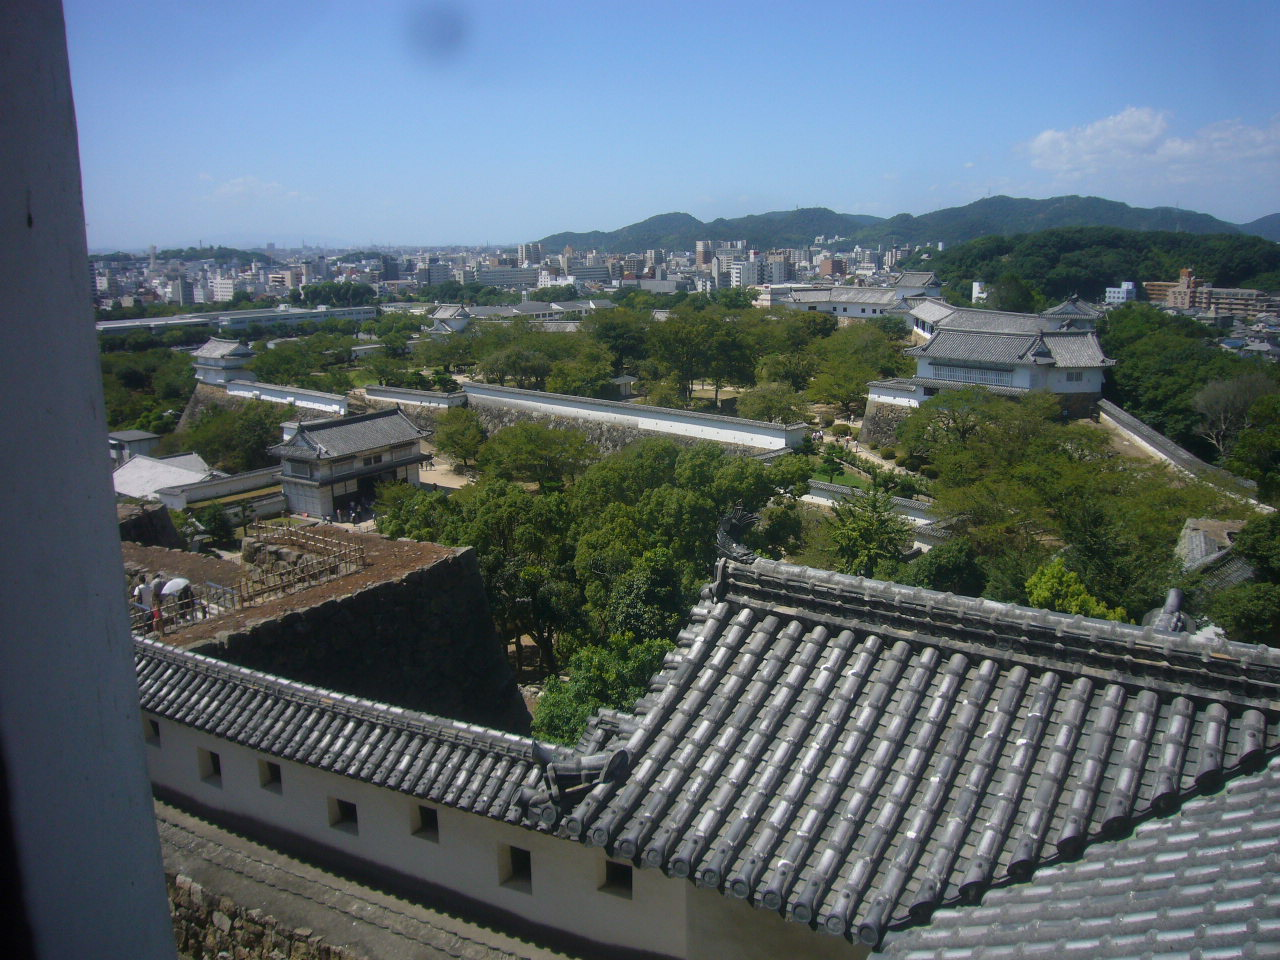 姫路城天守閣3階付近からみた城内 H28.8.31